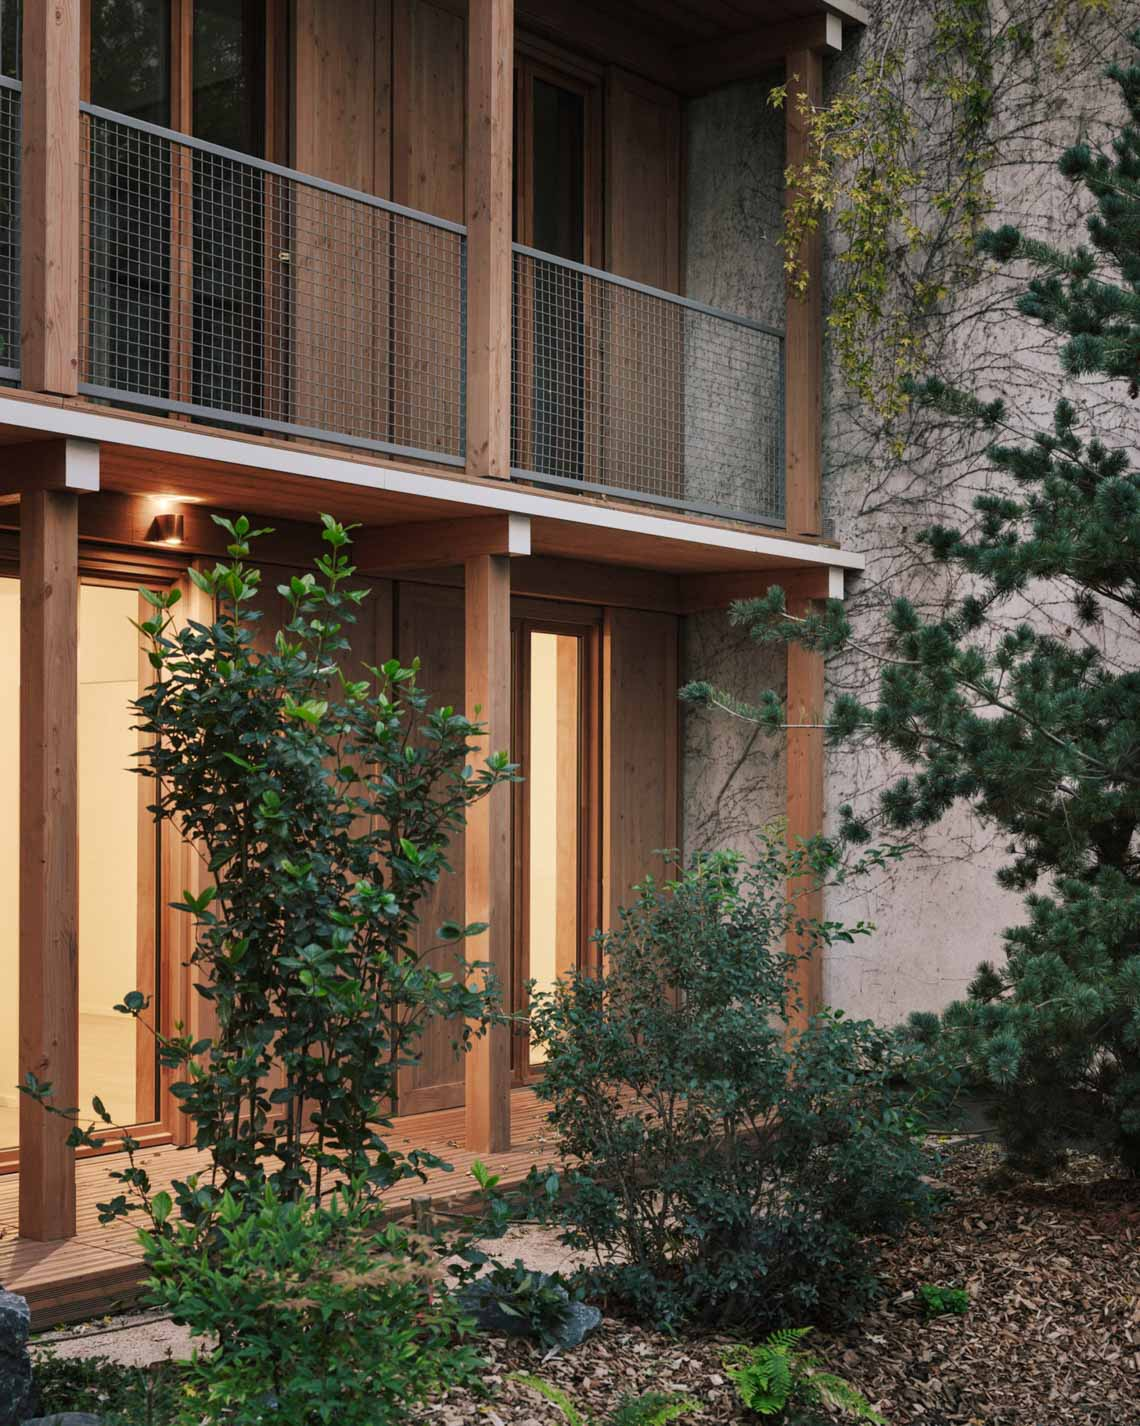 Tòa nhà căn hộ bằng gỗ với thiết kế mang phong cách Nhật Bản - 9